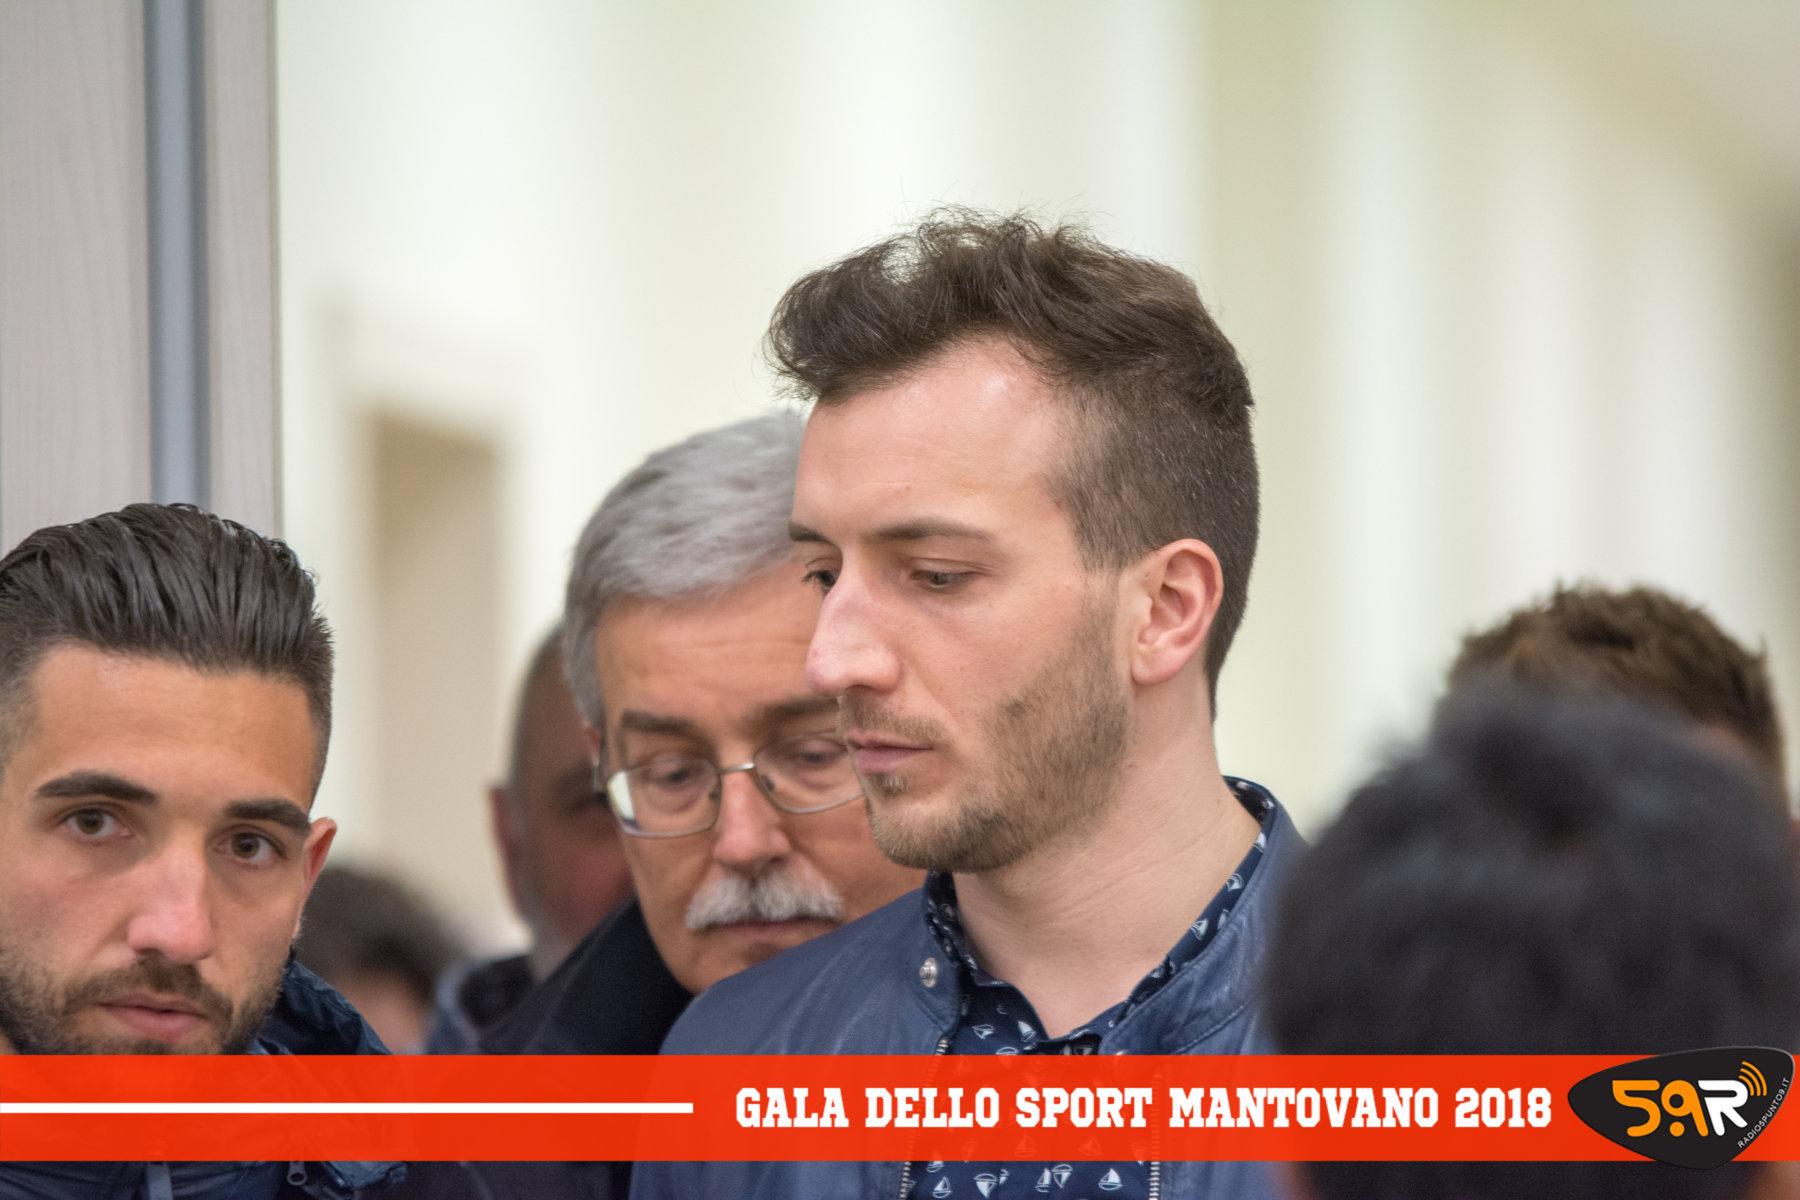 Gala dello Sport Mantovano 2018 Web Radio 5 (59)